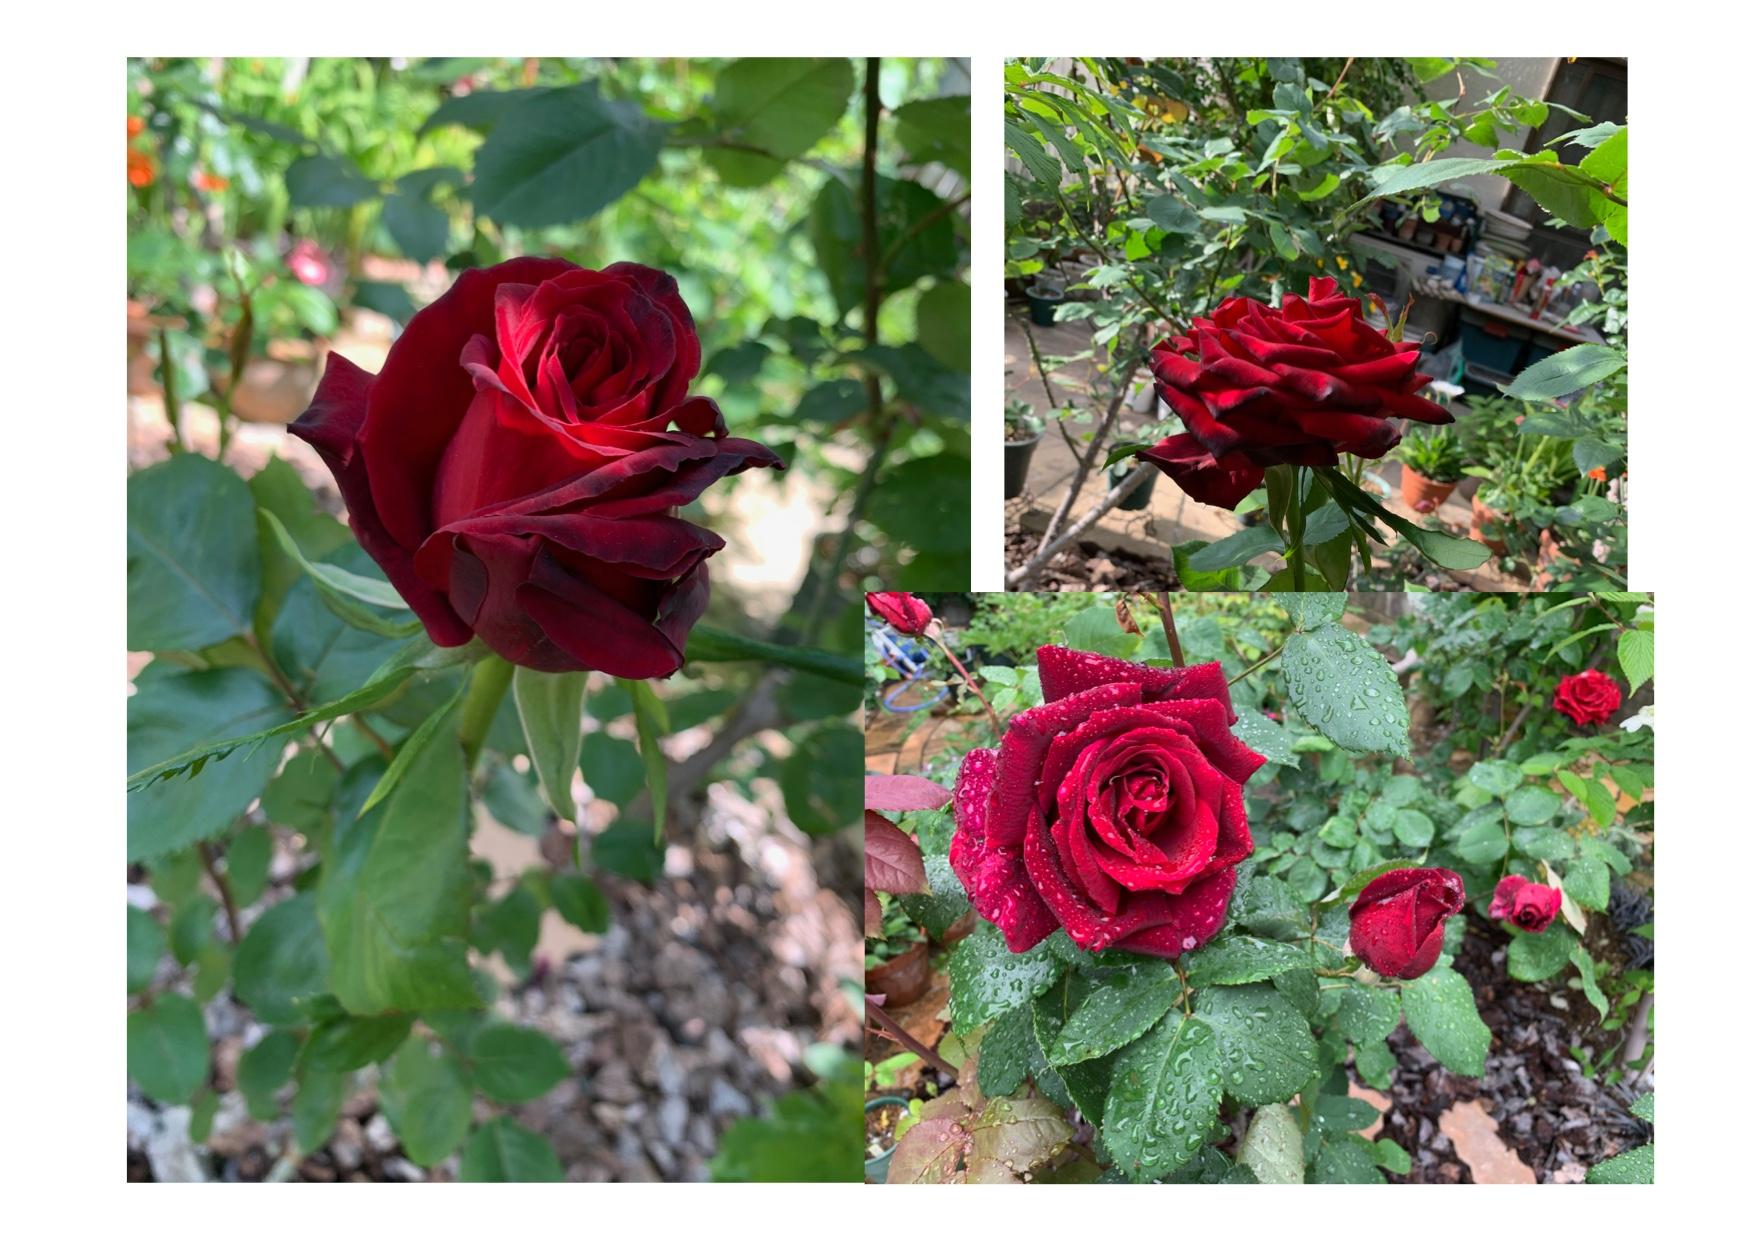 バ〜ラが咲いた♪ /  Rose bloomed!